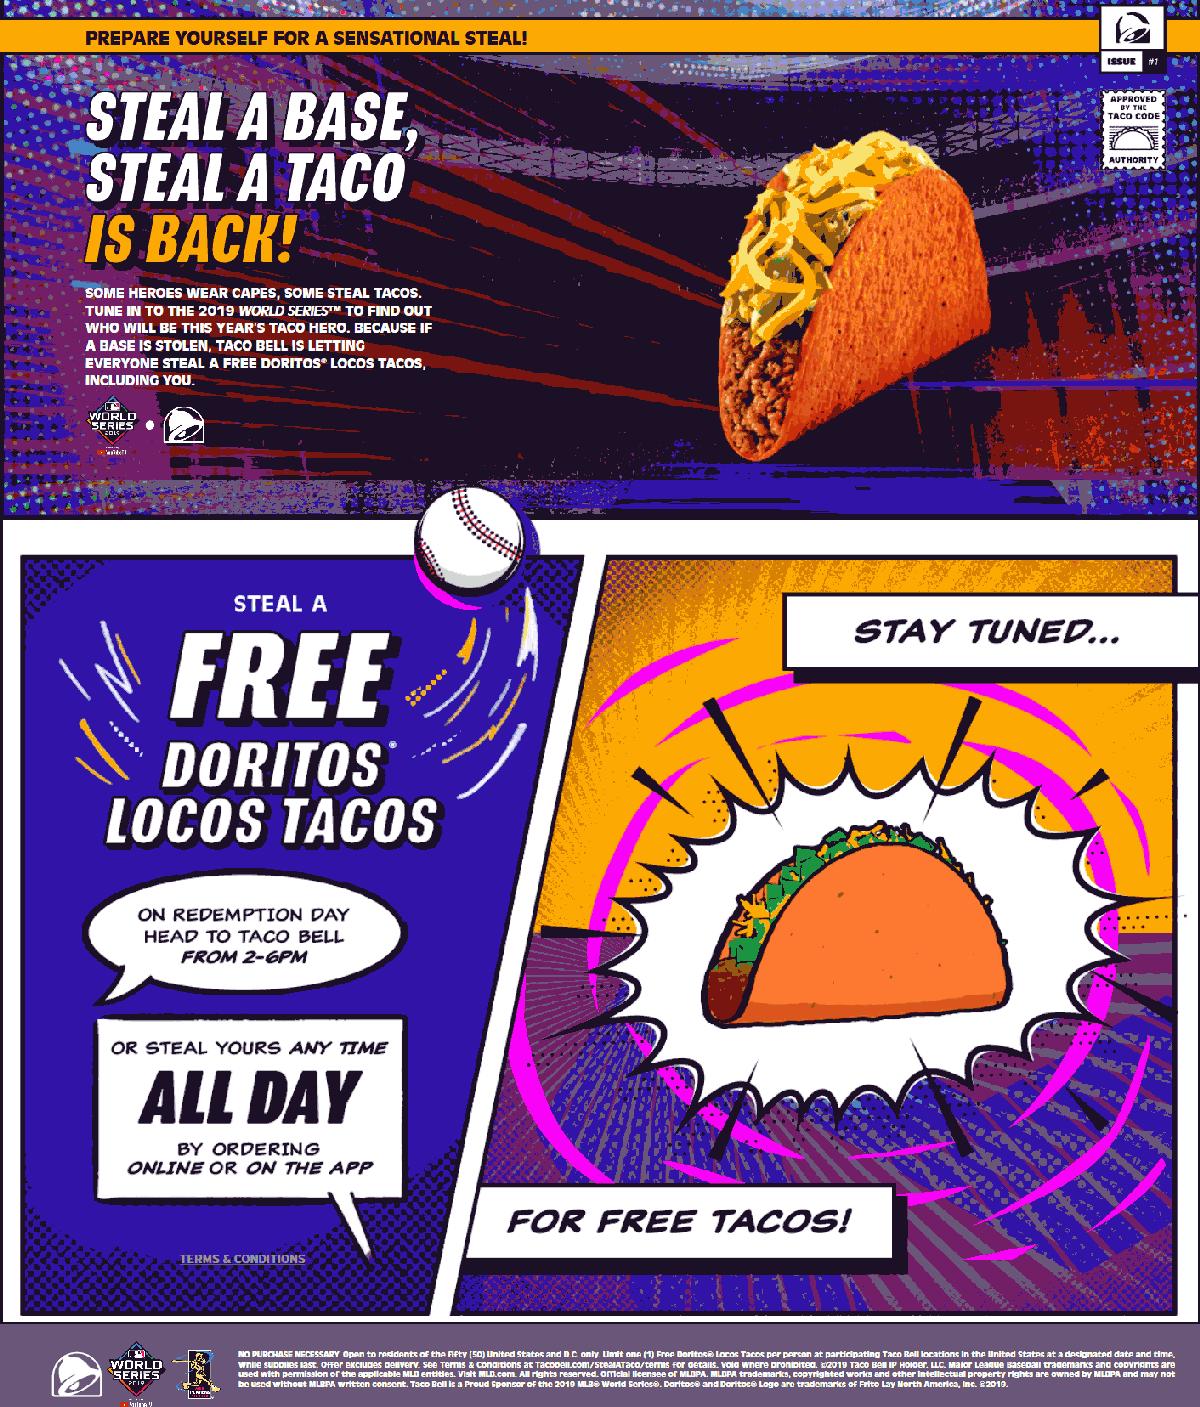 Taco Bell Coupon November 2019 Stolen world series base = free taco at Taco Bell